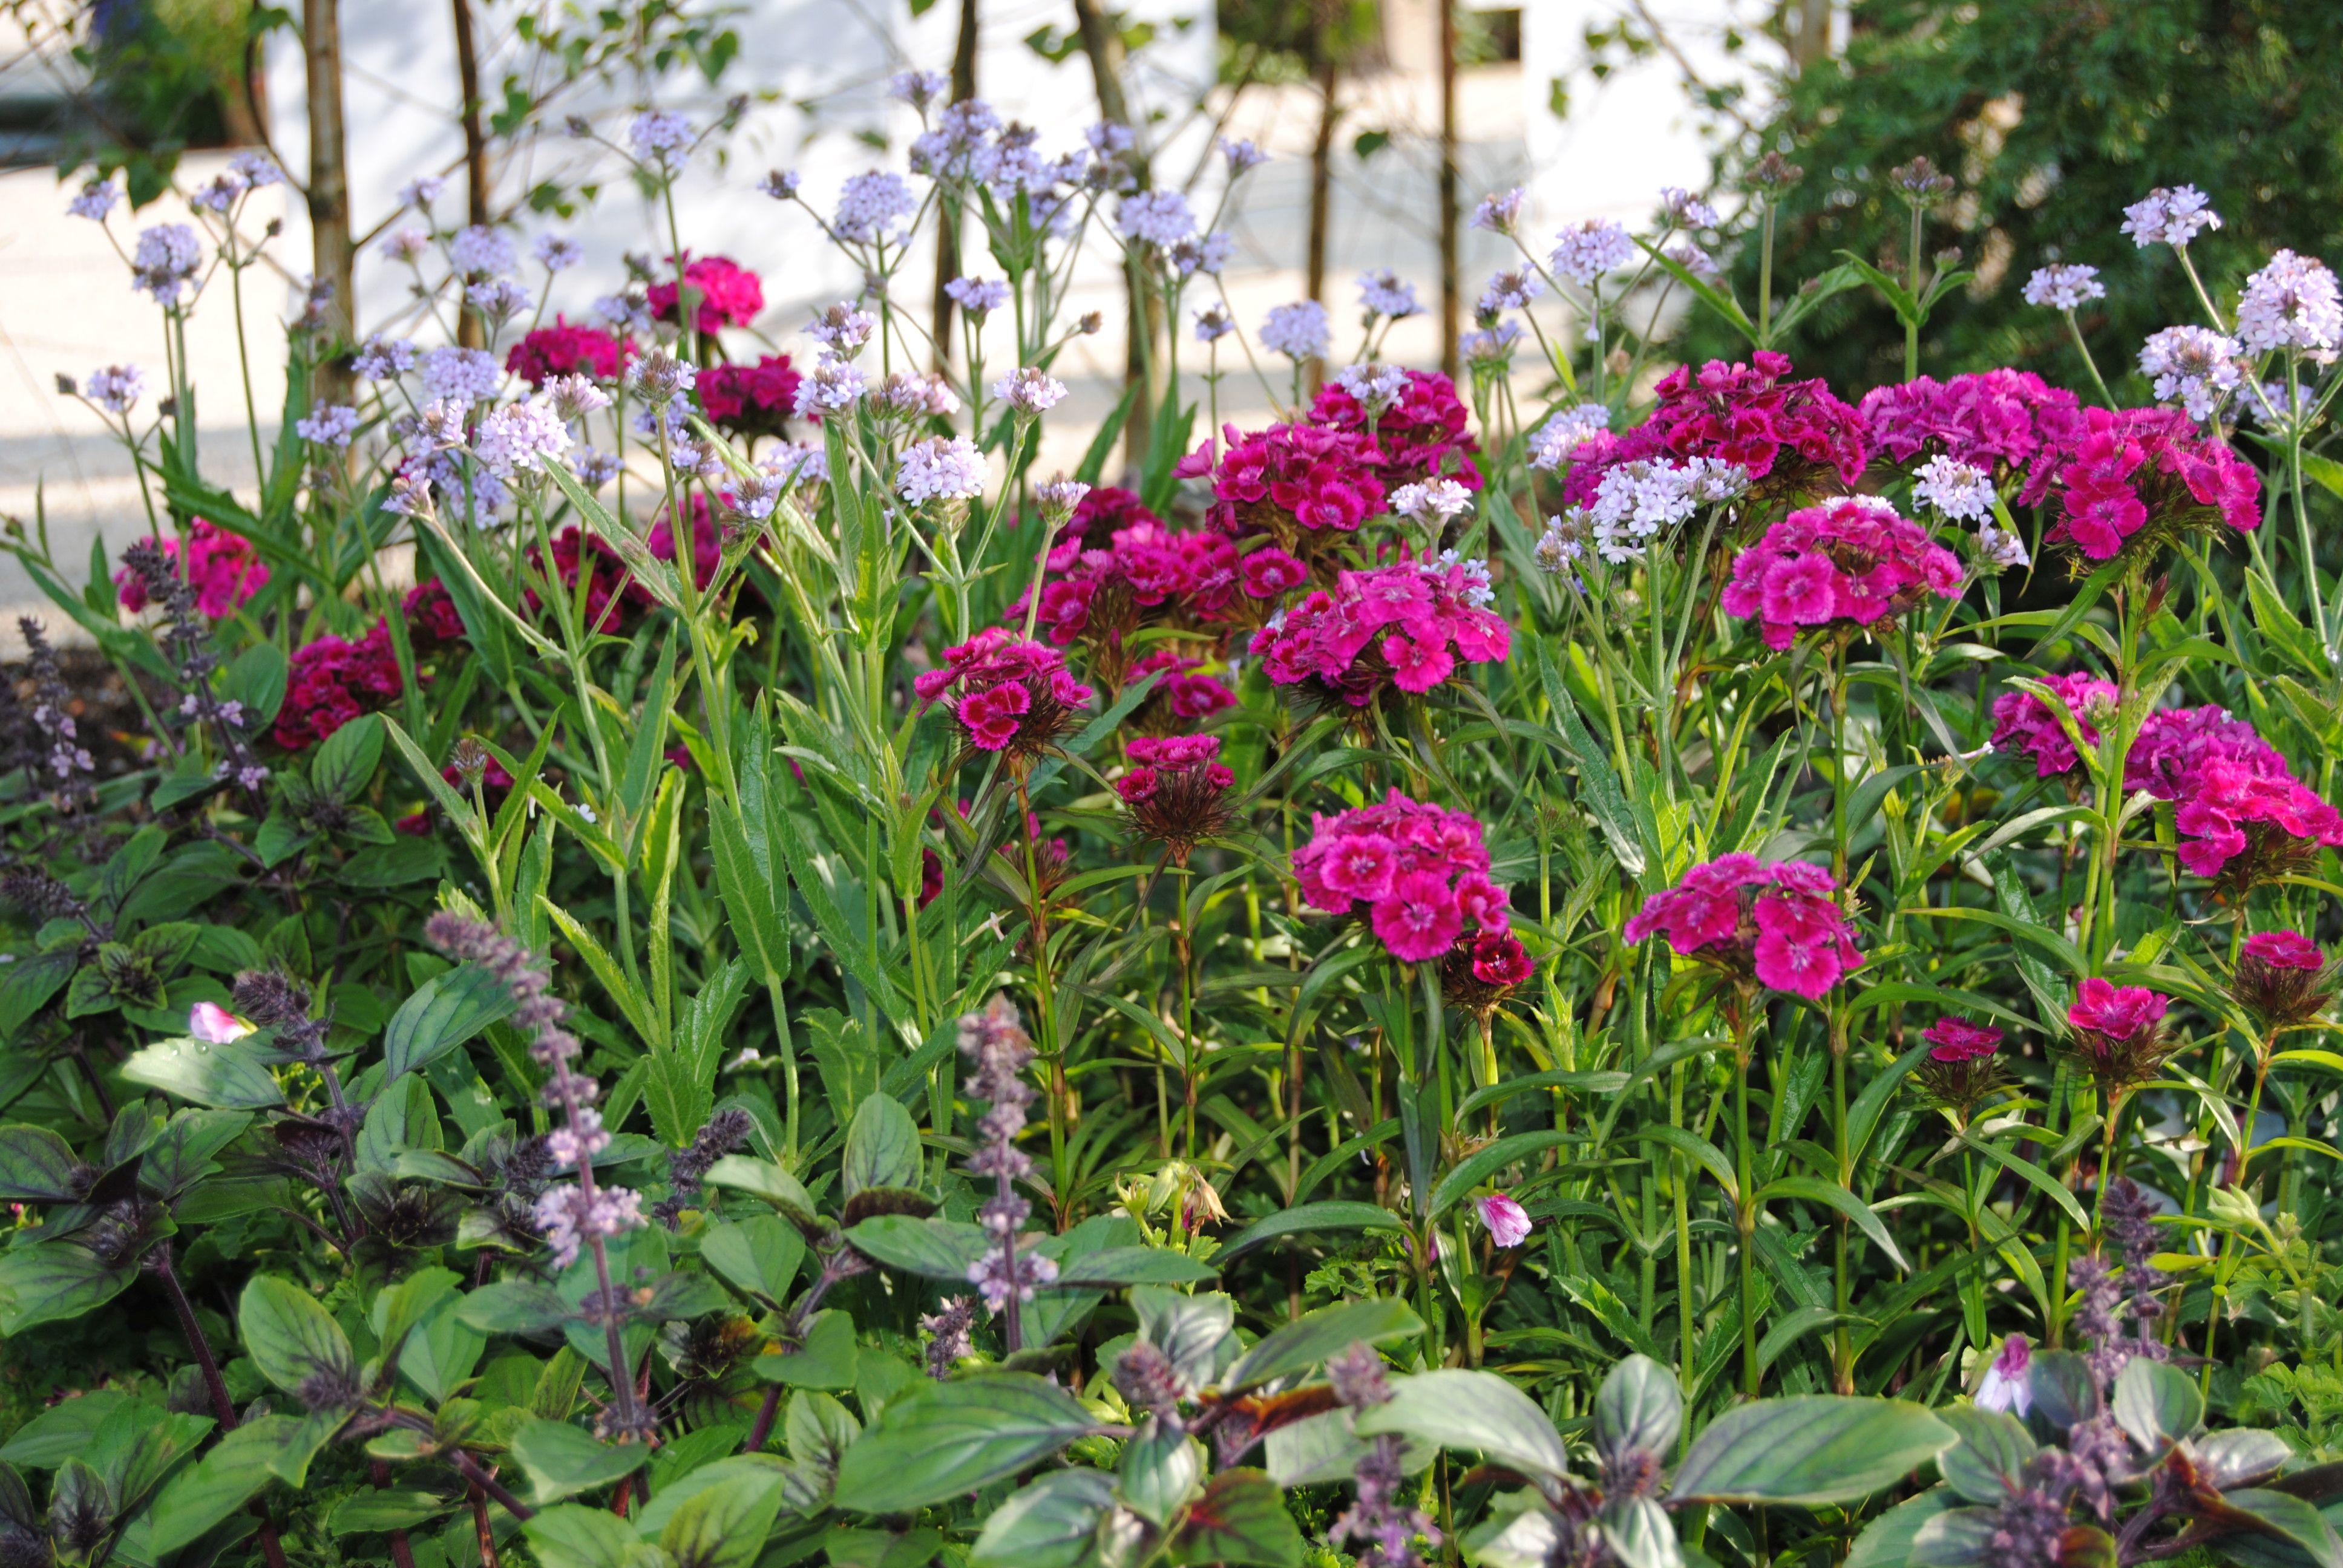 Bienenweide Oder Schneckenfrass Dauergrabpflege Bayern